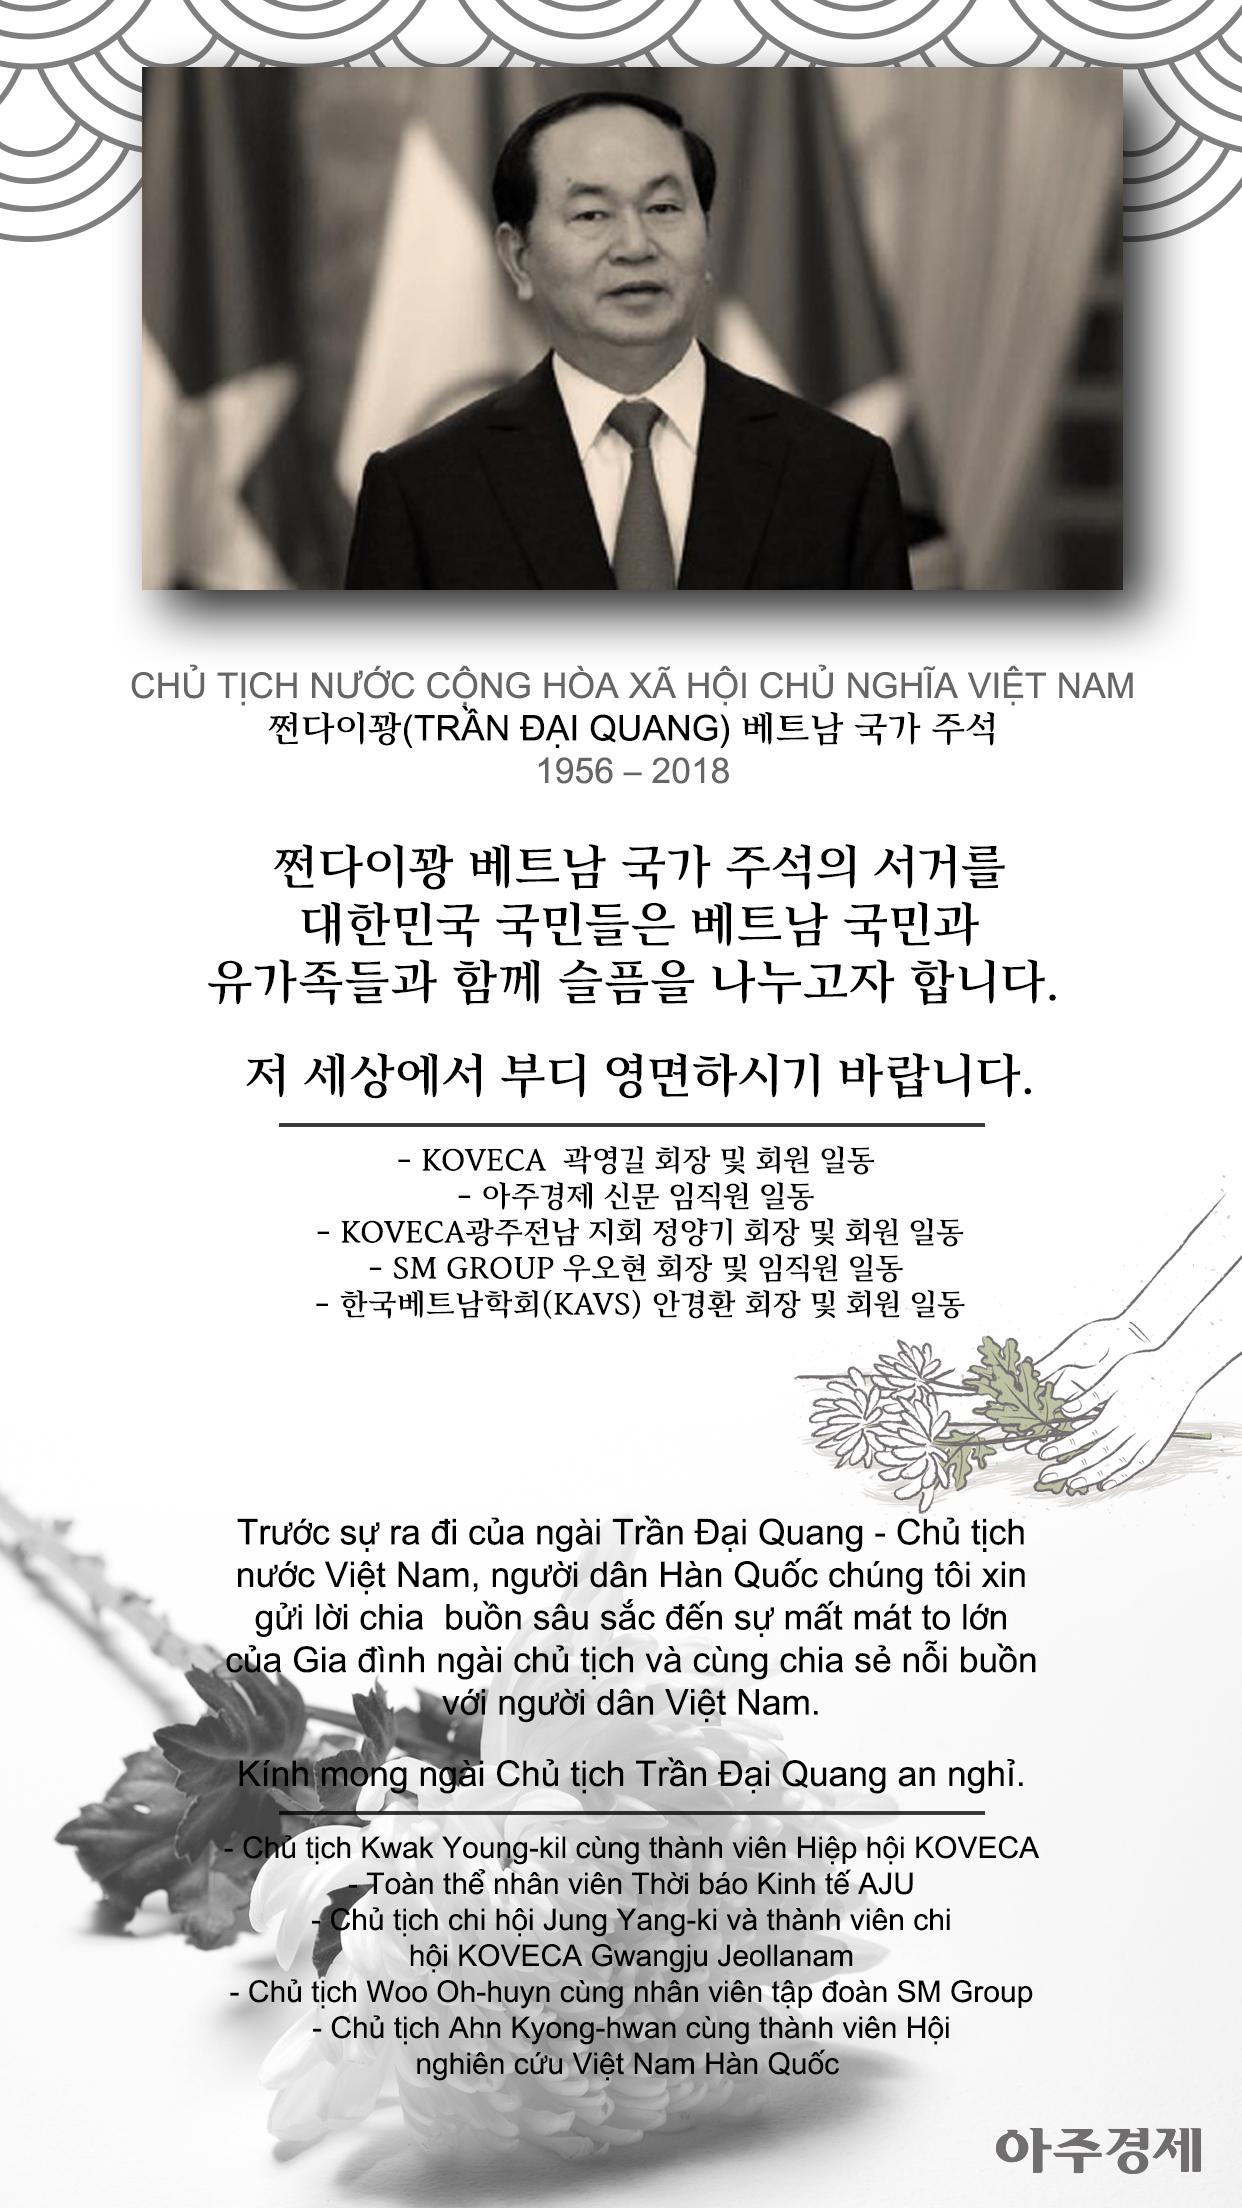 찐다이꽝 베트남 국가 주석 서거